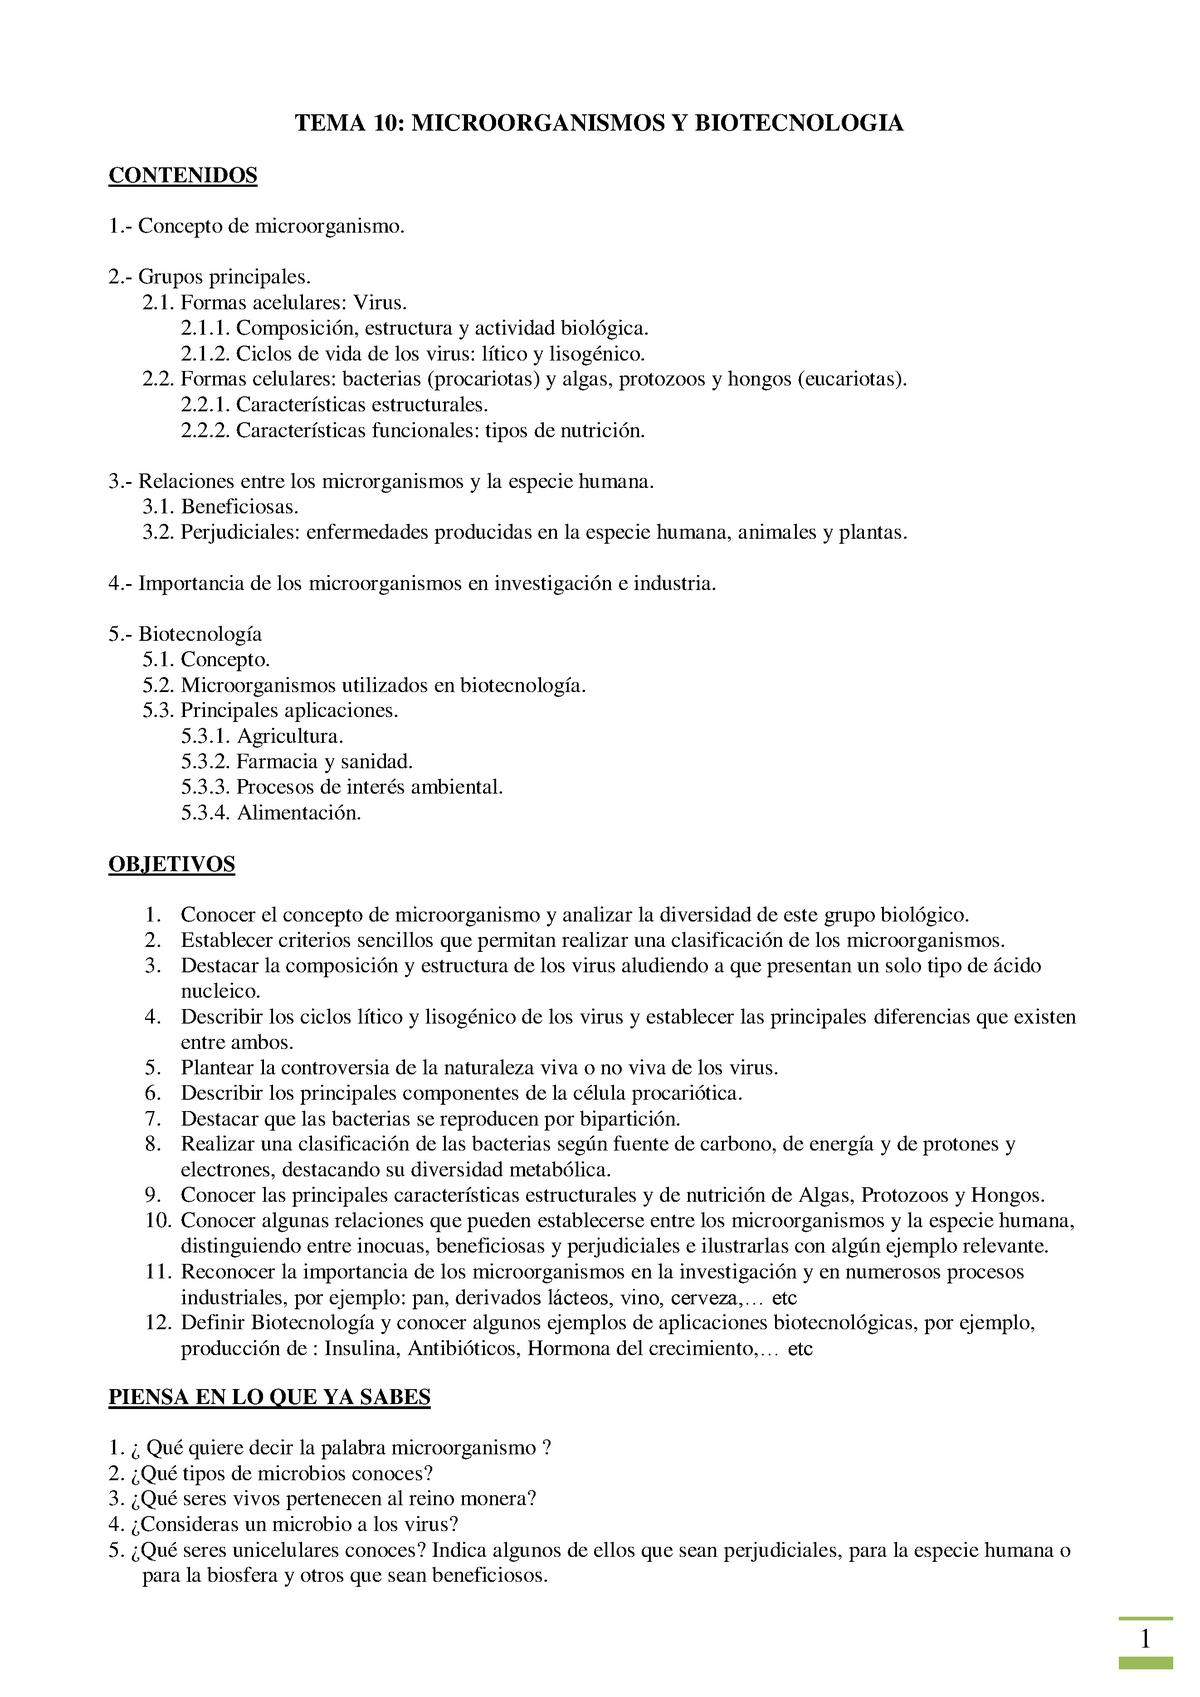 Tema 10 - Microbiología - Biología 100437 - UCO - StuDocu